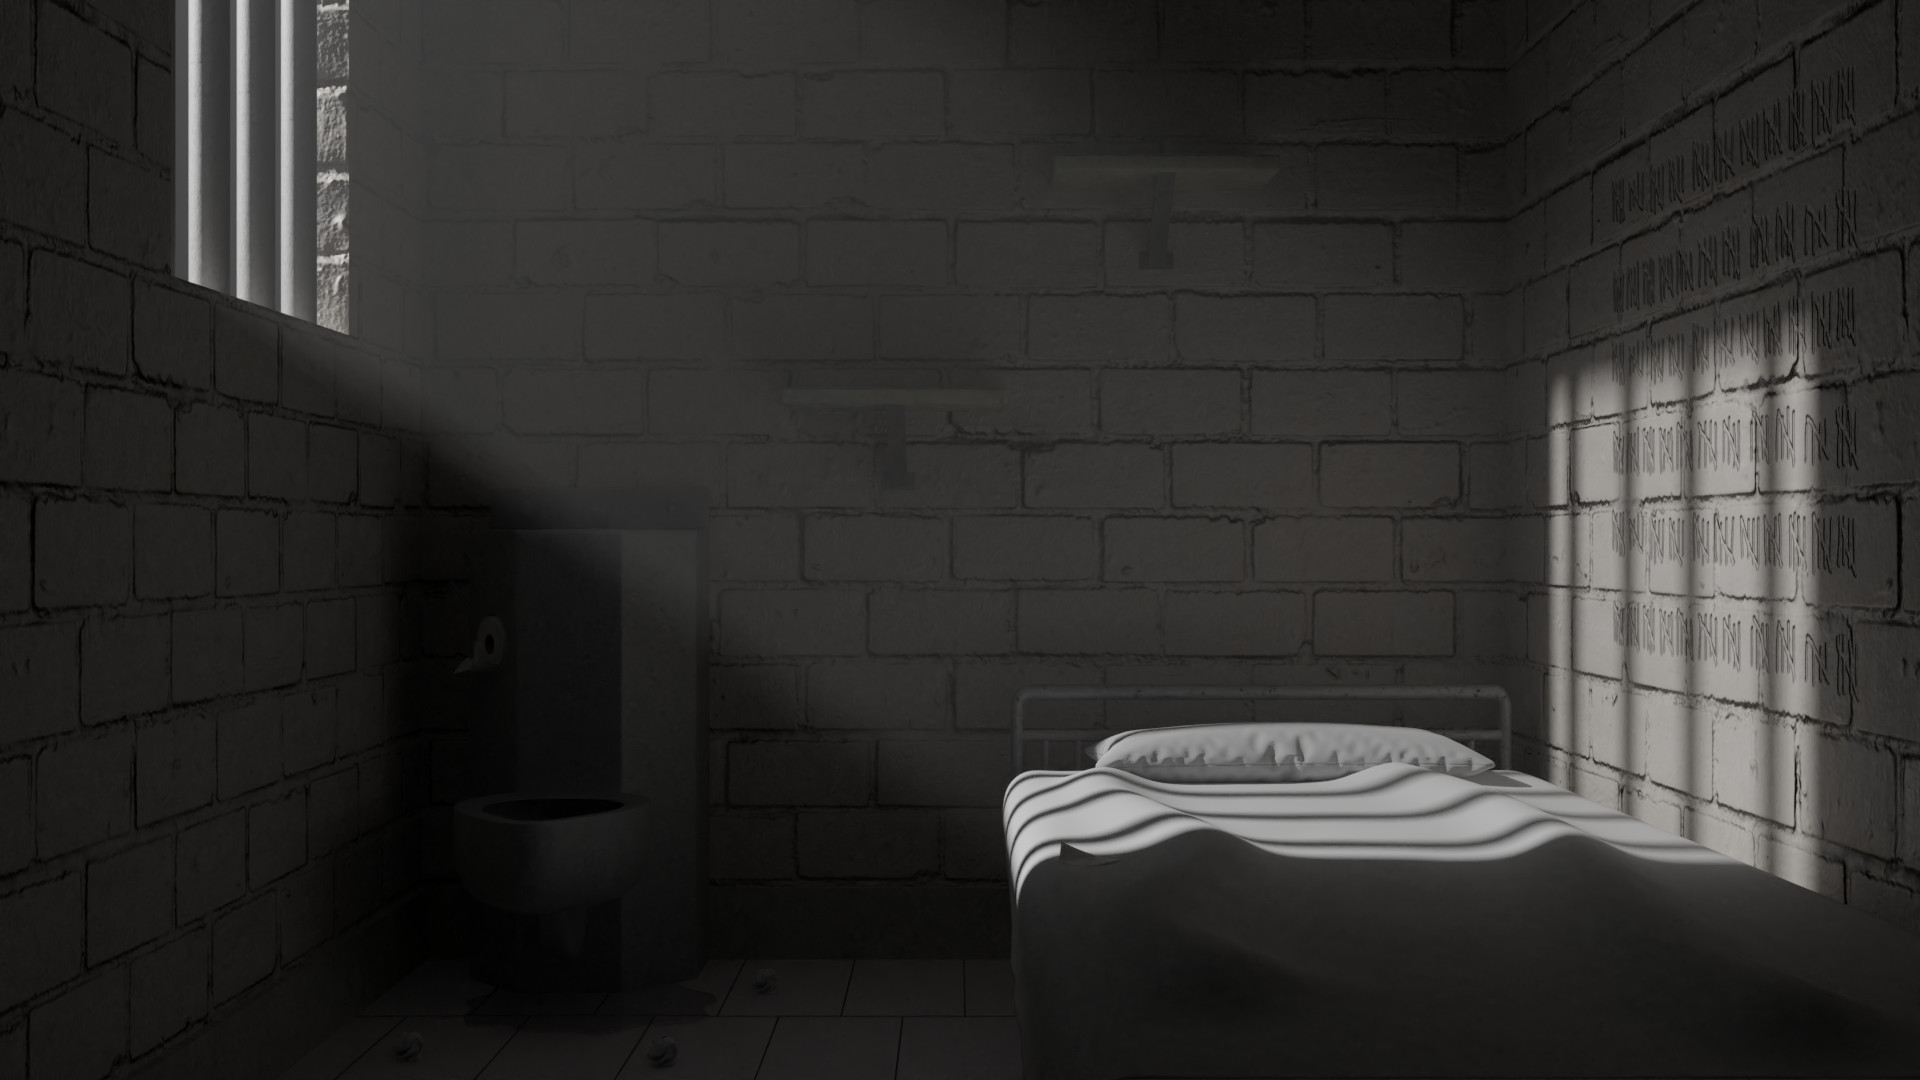 artstation prison cell volumetric lighting test karl robert